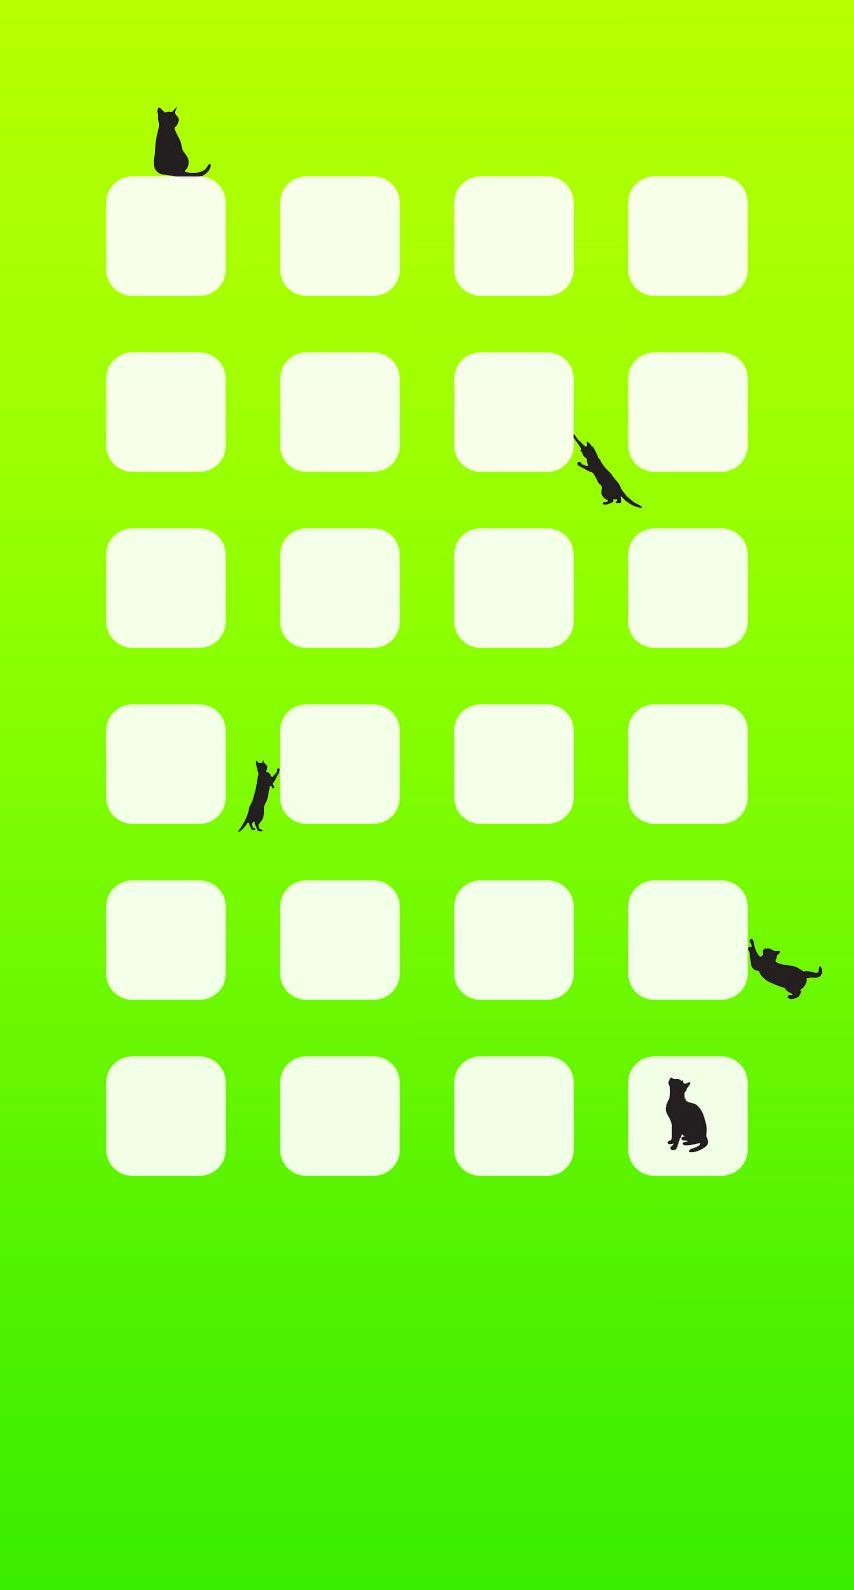 印刷可能 Iphone 壁紙 猫 イラスト 無料イラスト素材集